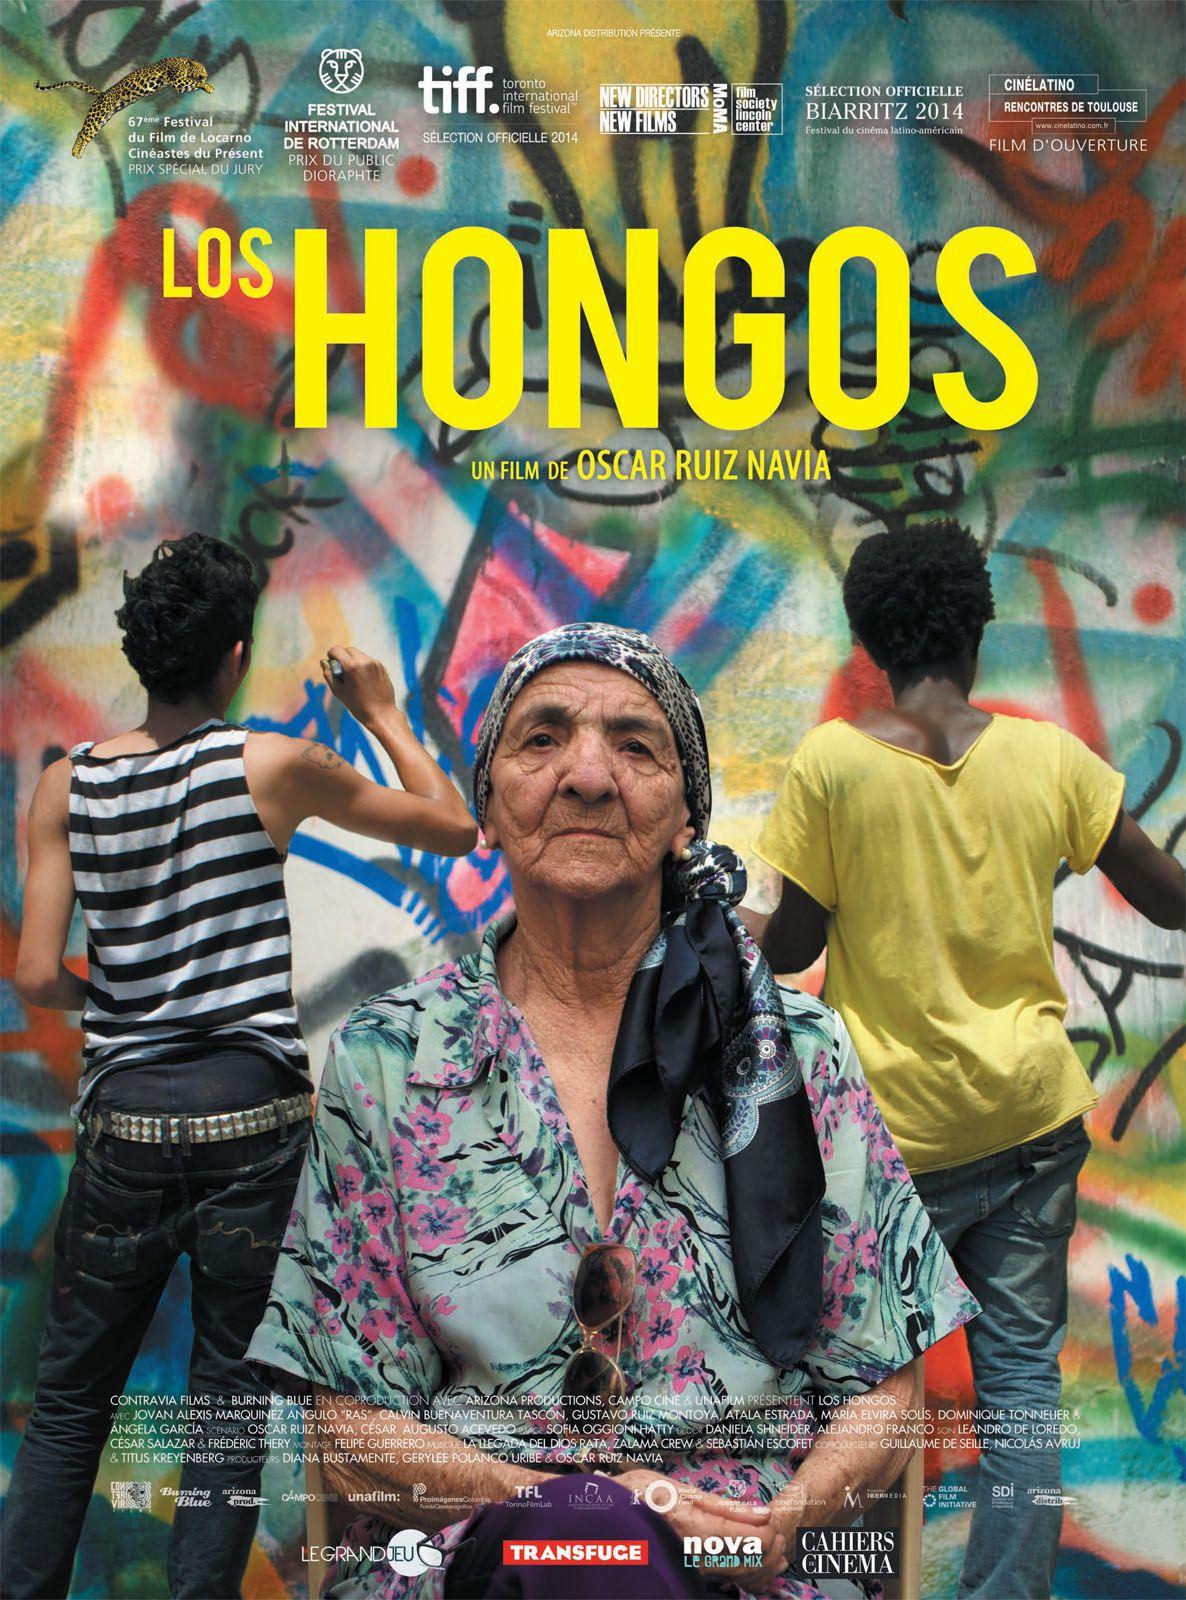 Los hongos - Film (2015)